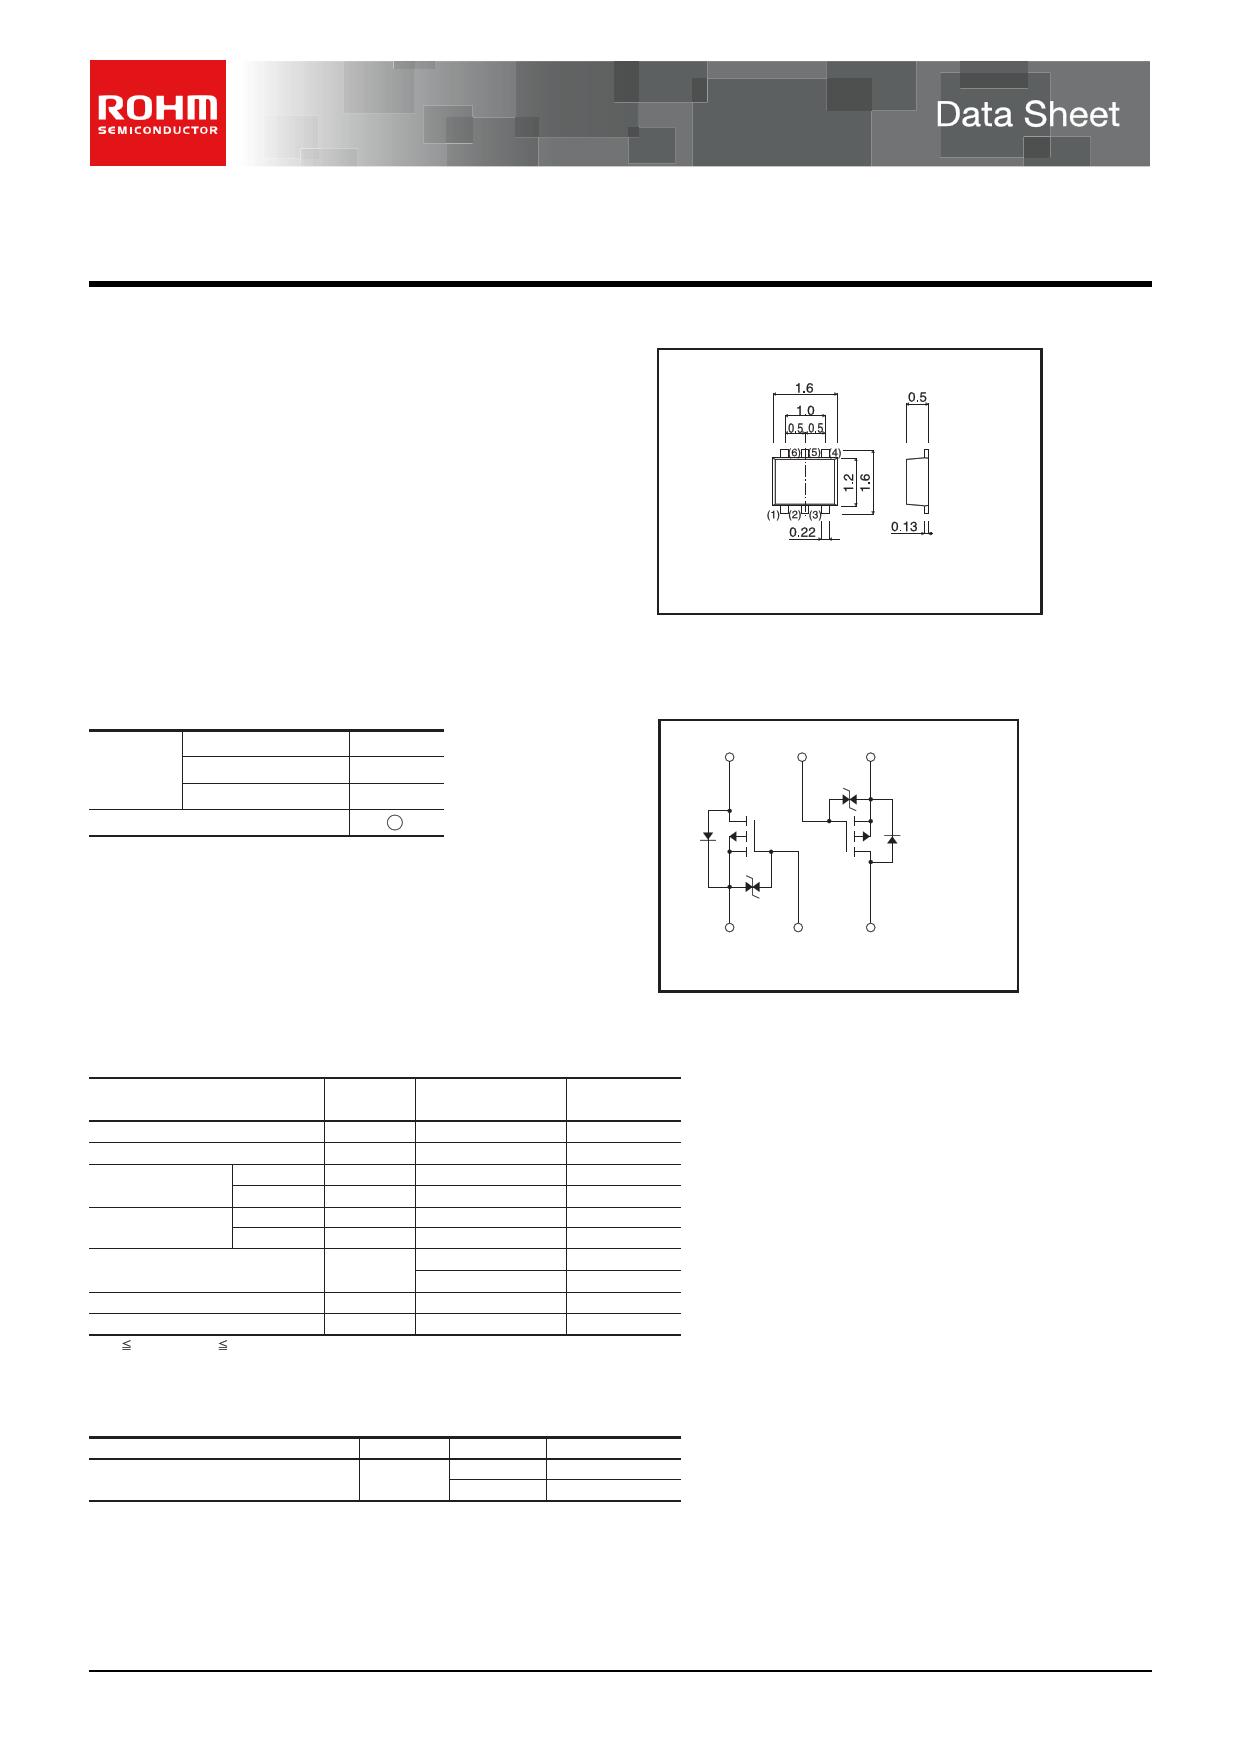 EM6J1 datasheet